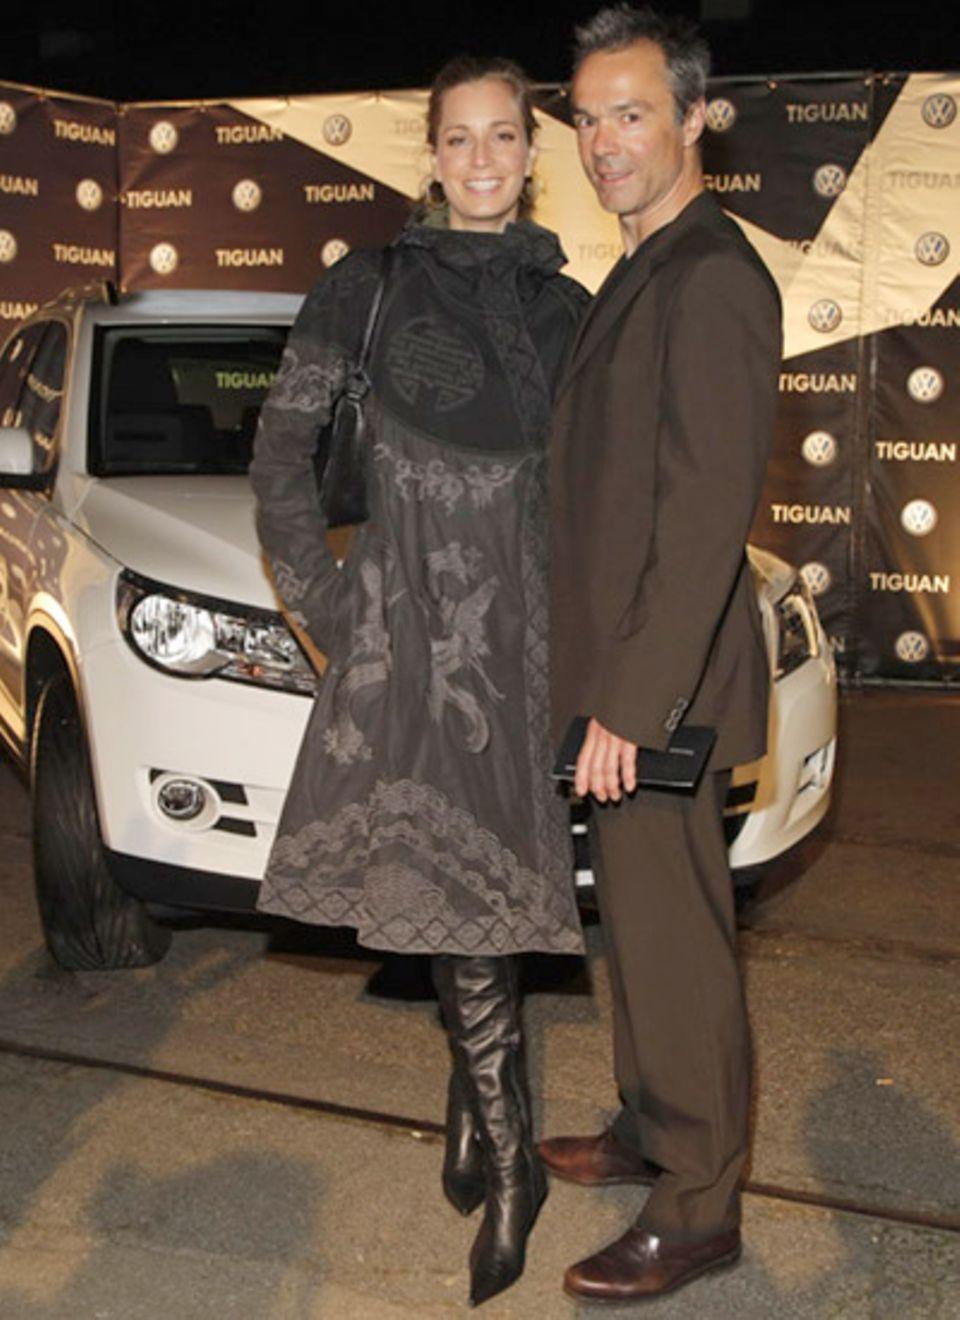 In schickem grau-schwarzen Dress erschien Tina Bordihn an der Seite von Hannes Jaenicke